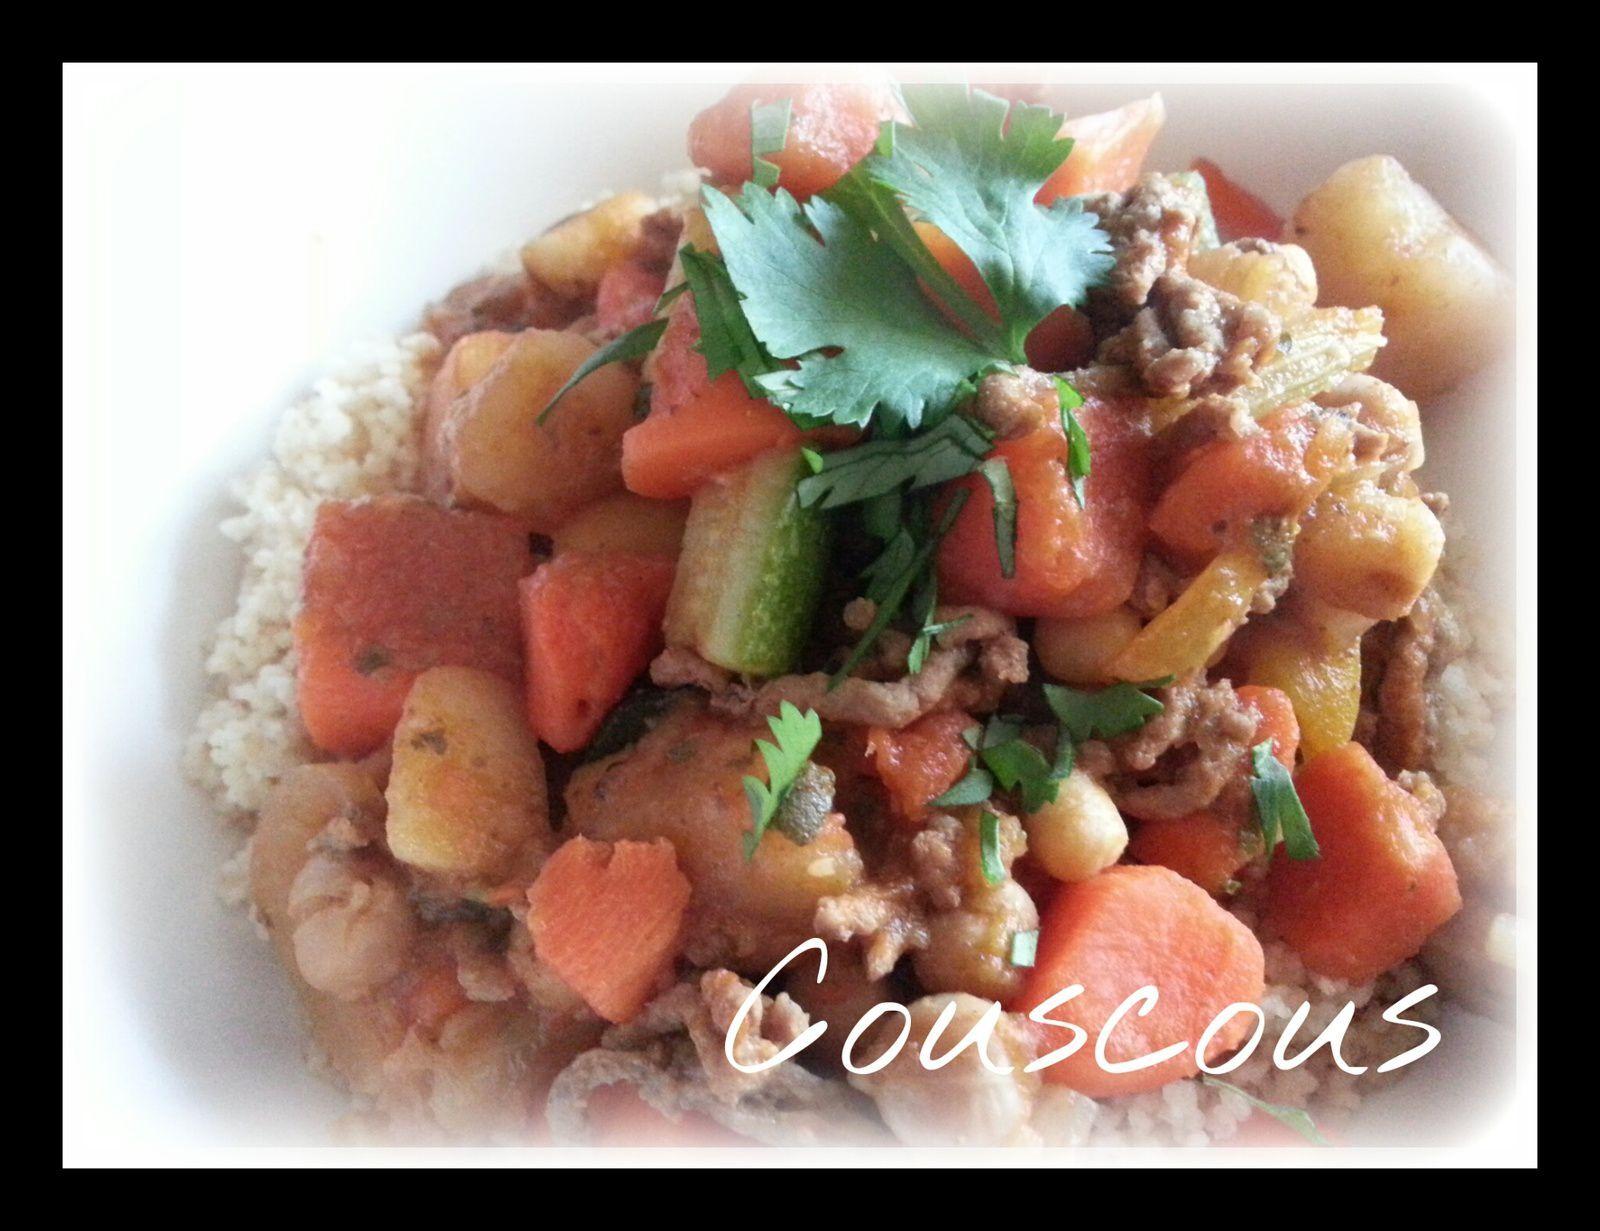 Couscous rapide #weightwatcher# au boeuf et petits légumes